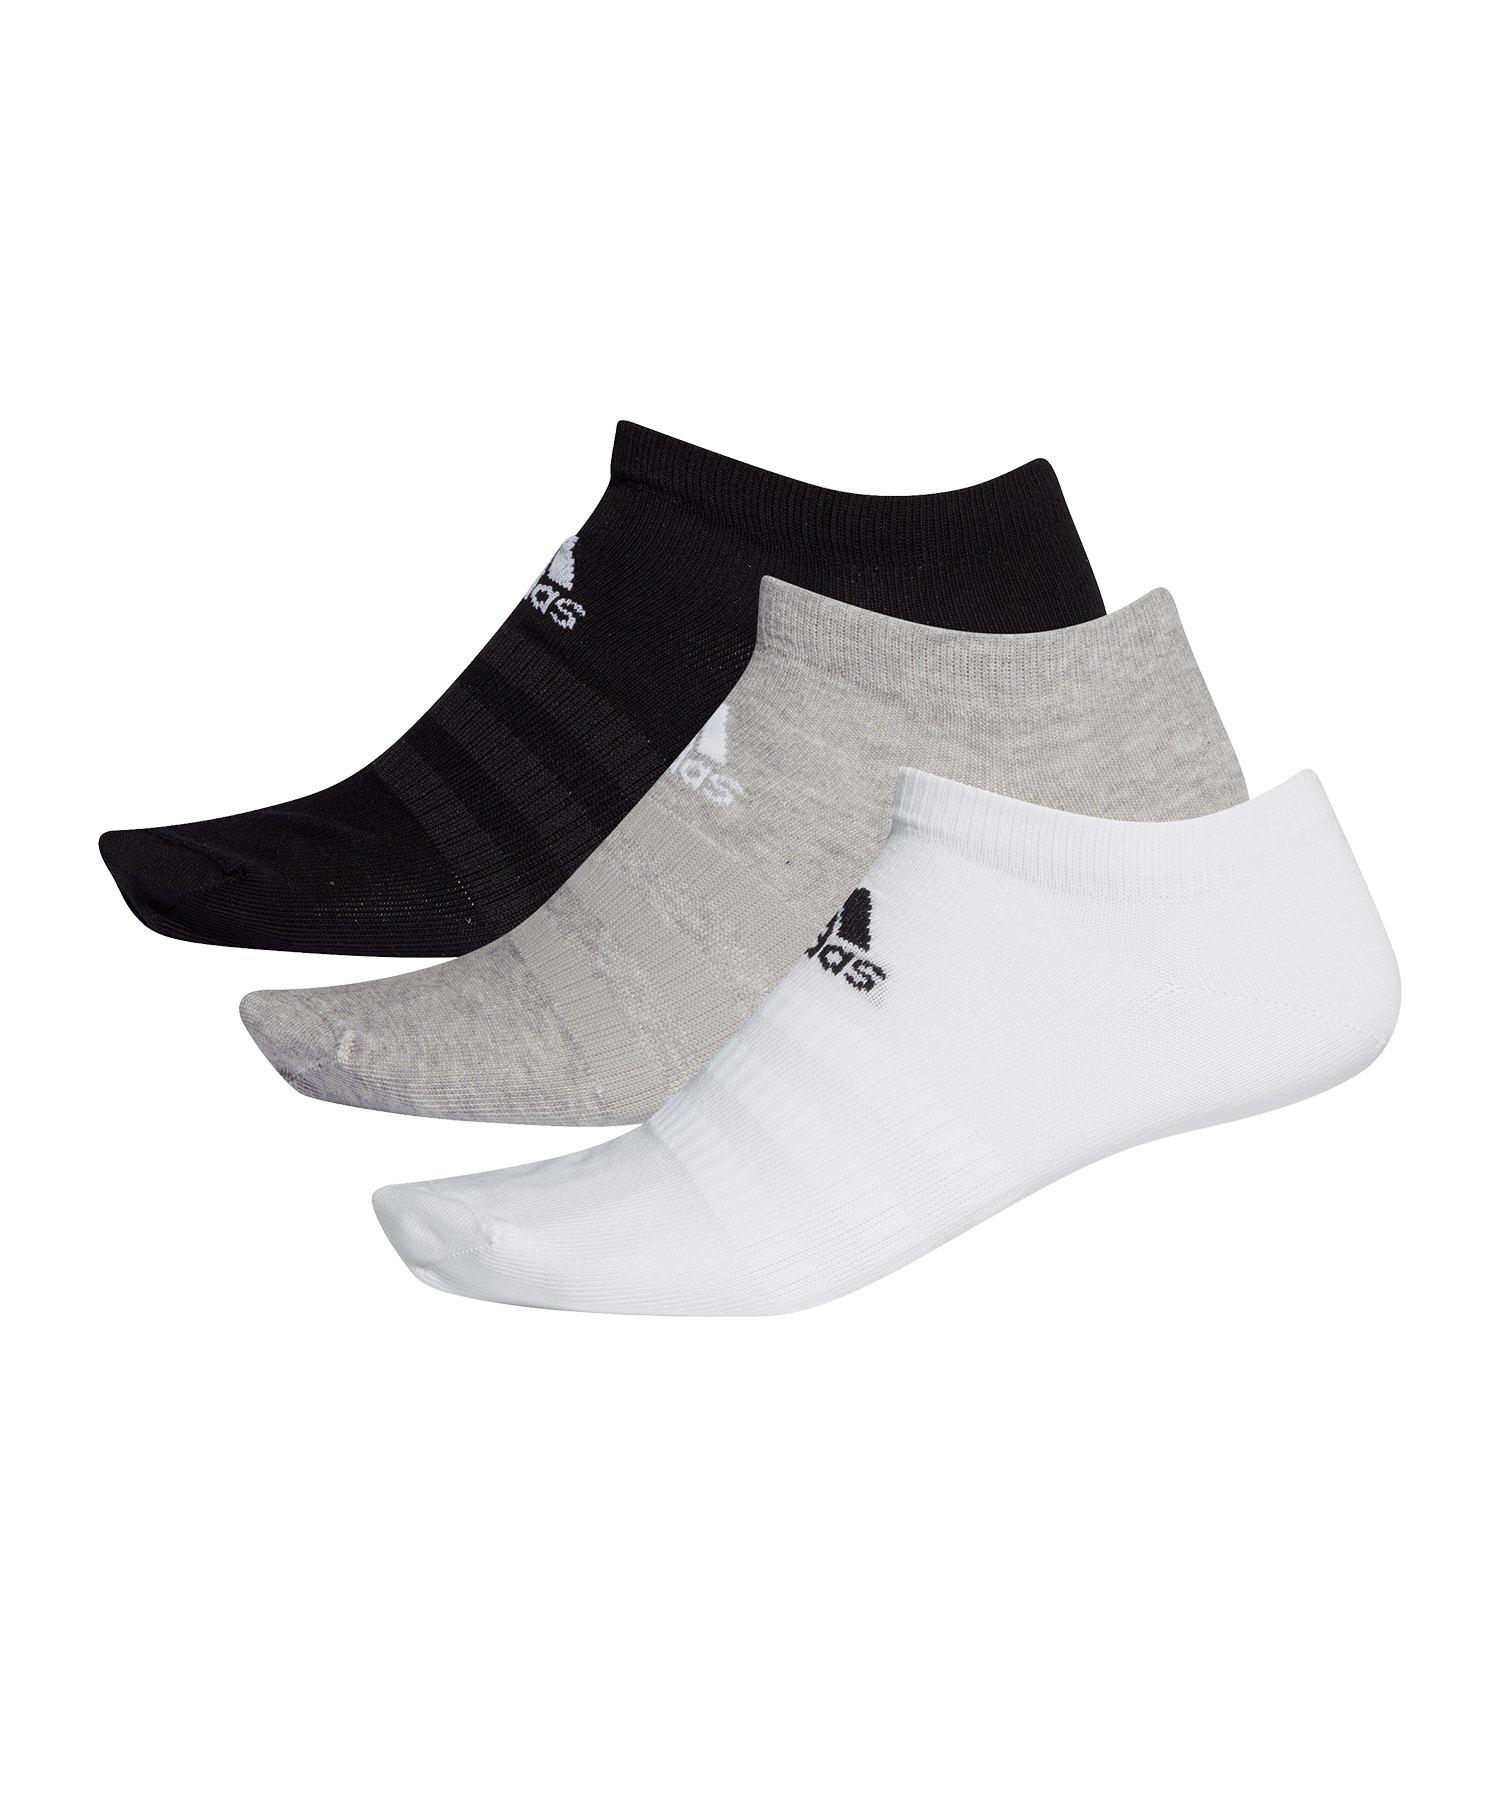 adidas Light Low Socken 3er Pack Multi - schwarz